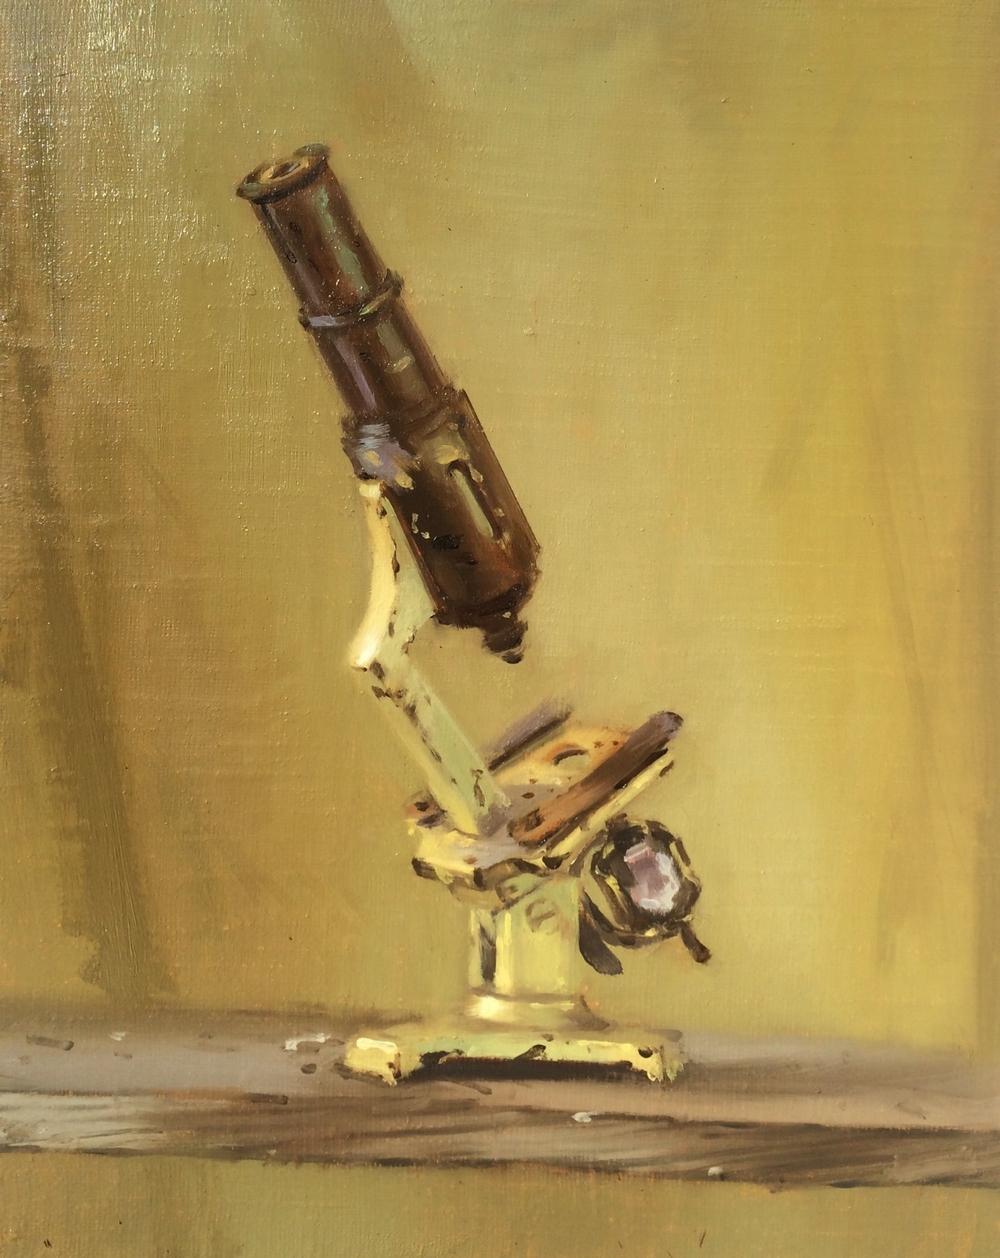 Antedeluvian Microscope